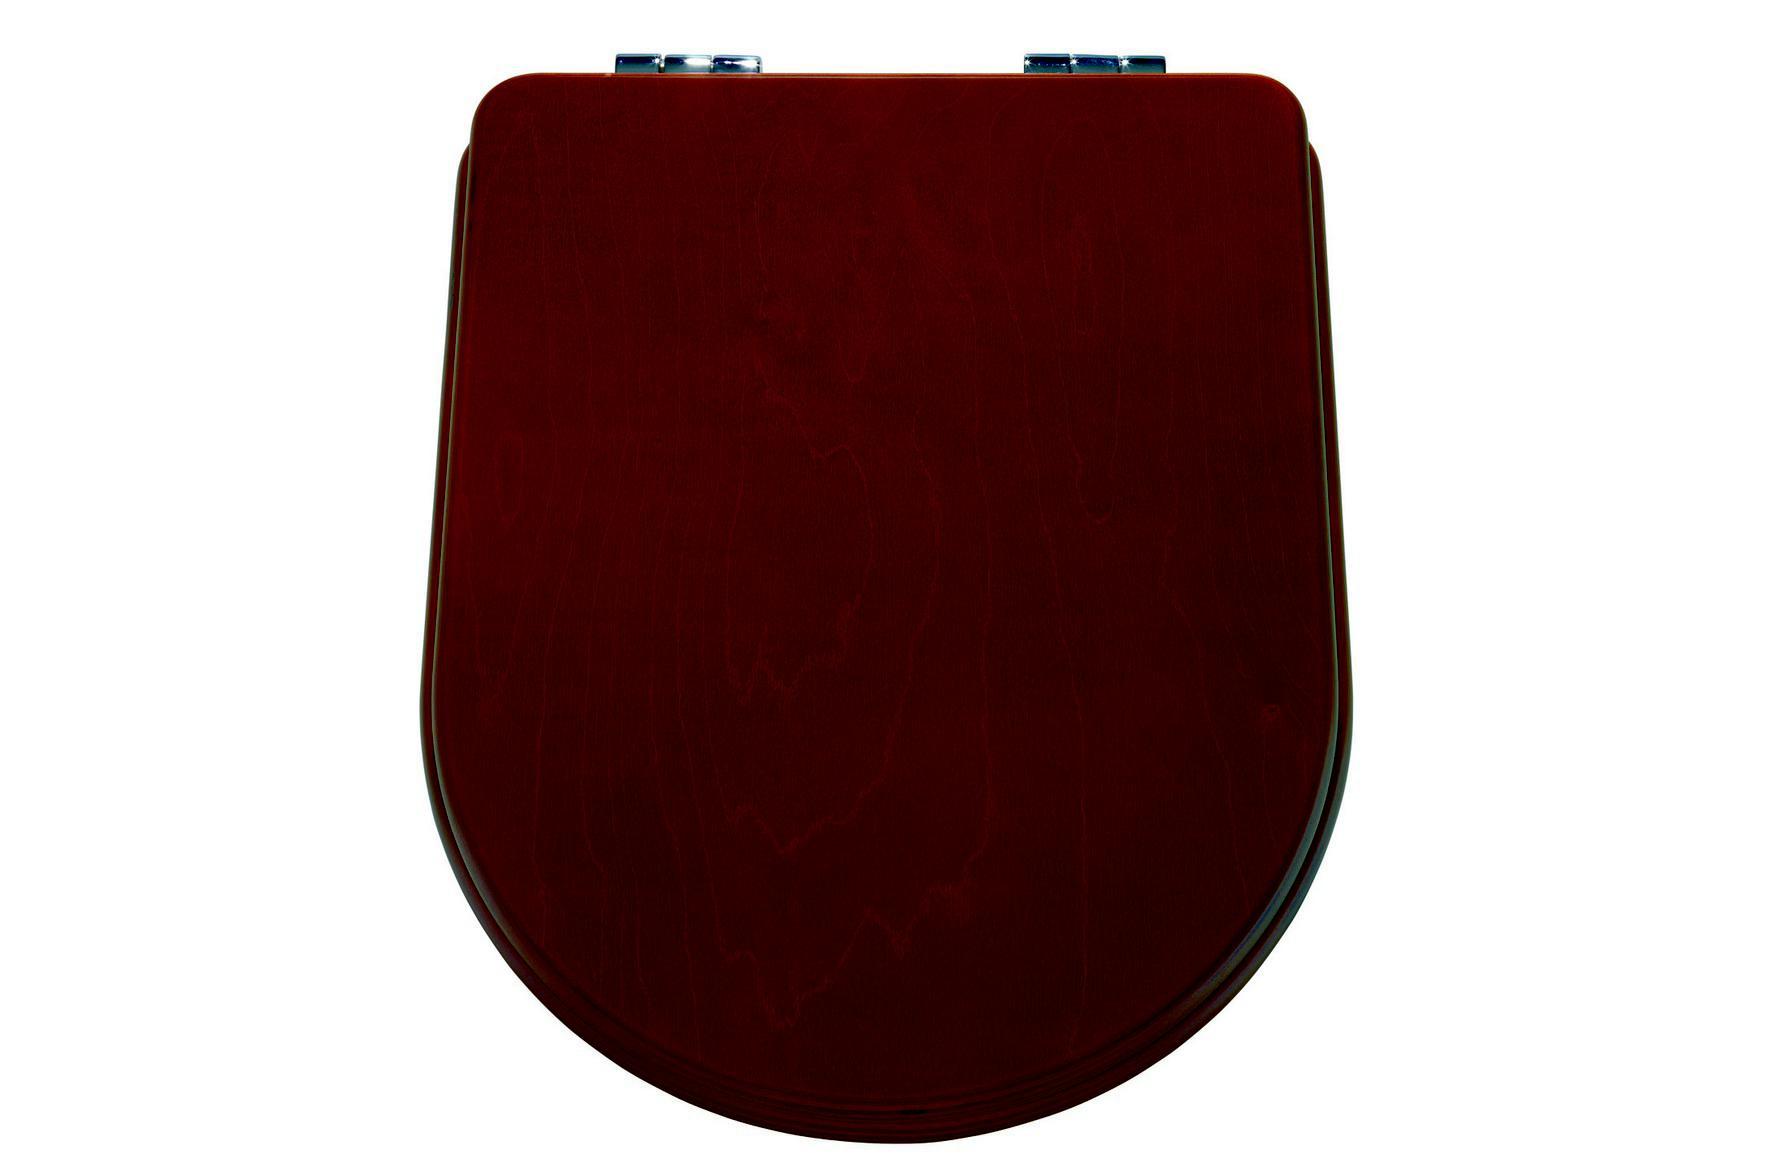 Сиденье для унитаза Gala 5161185 сиденья для унитаза bebe jou сиденье для унитаза lux